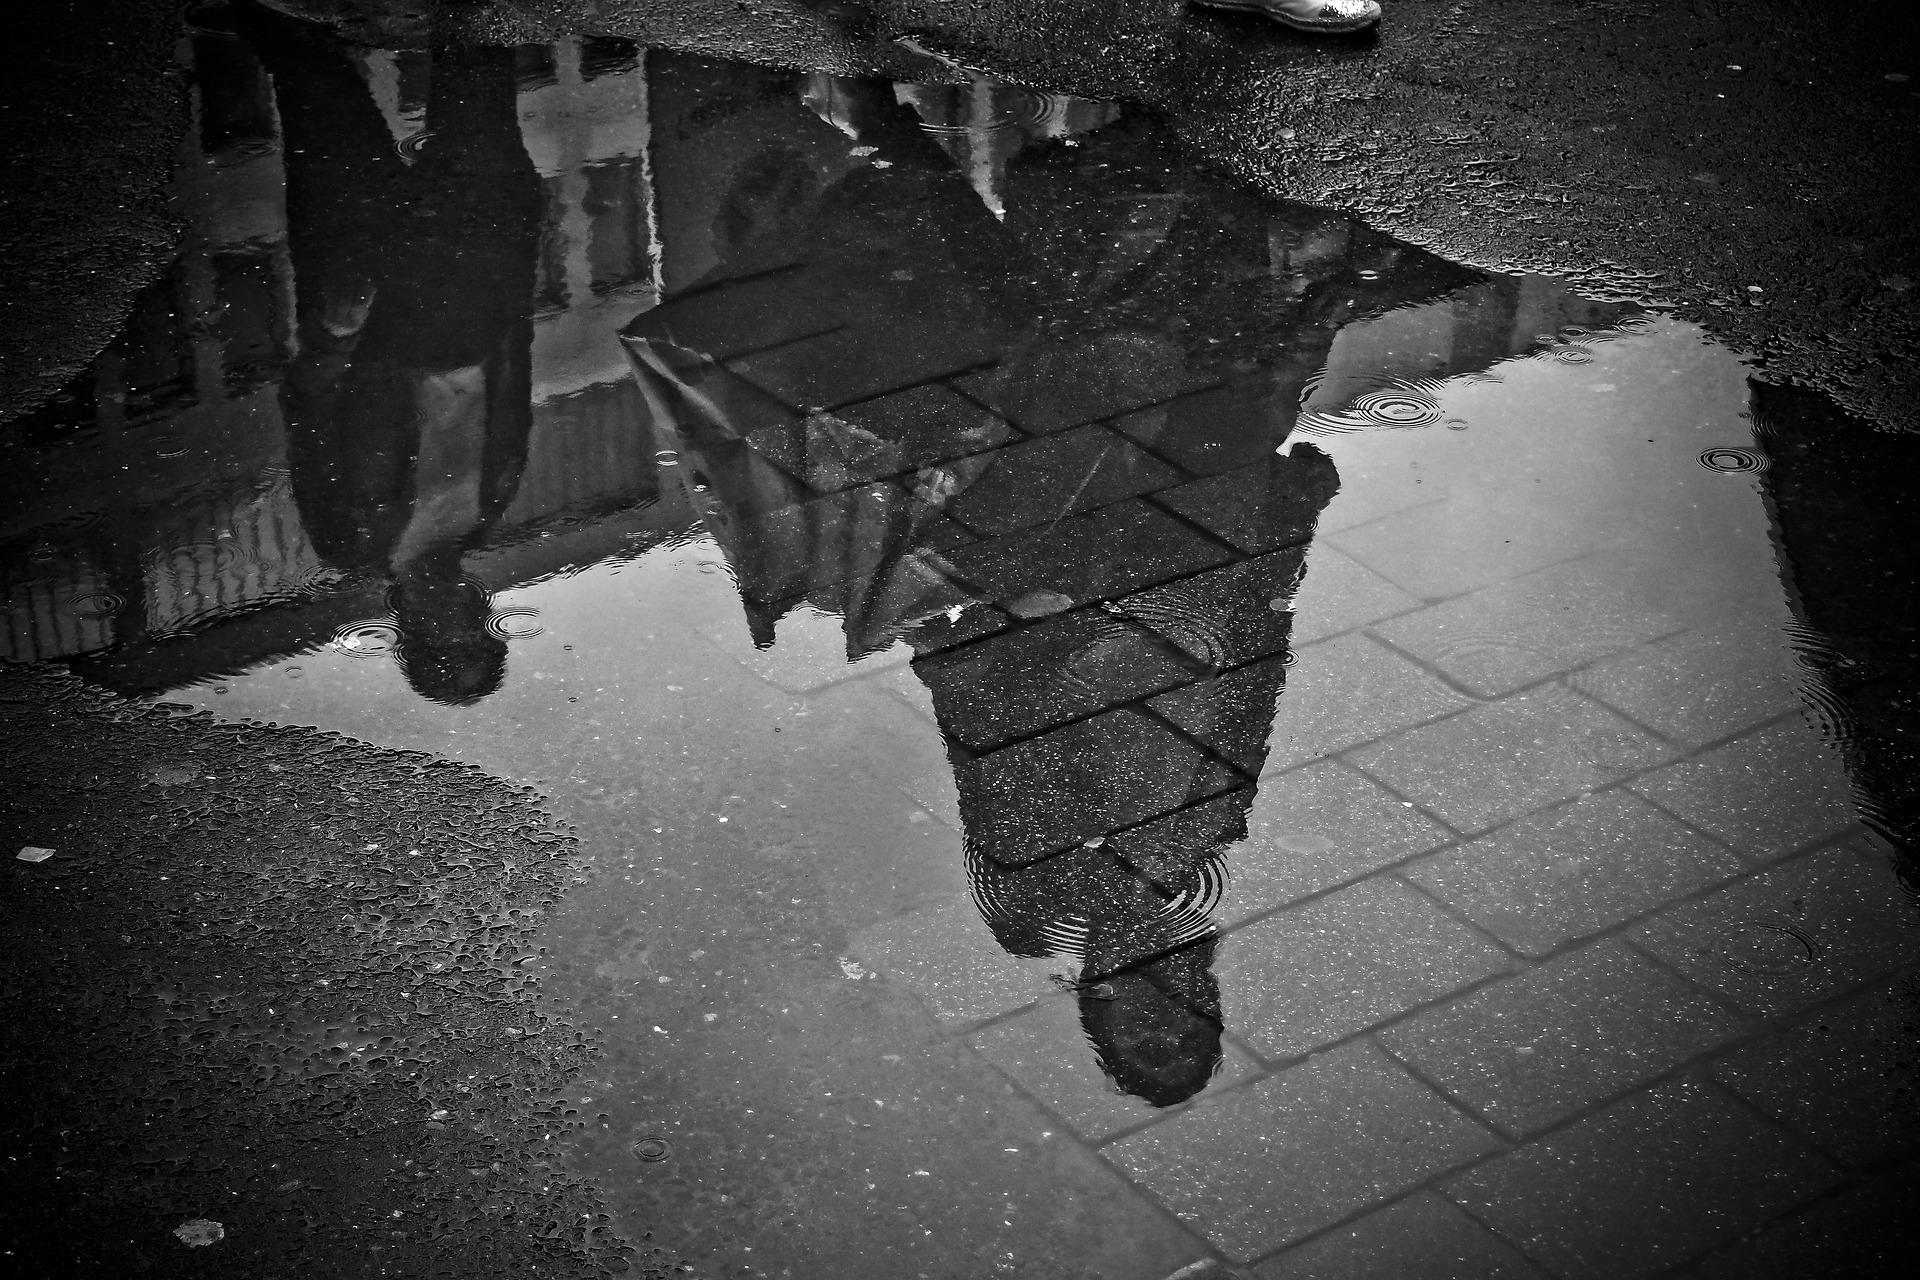 Ein Schwarz-Weiss-Foto von Menschen, deren Umrisse sich in einer Pfütze spiegeln.